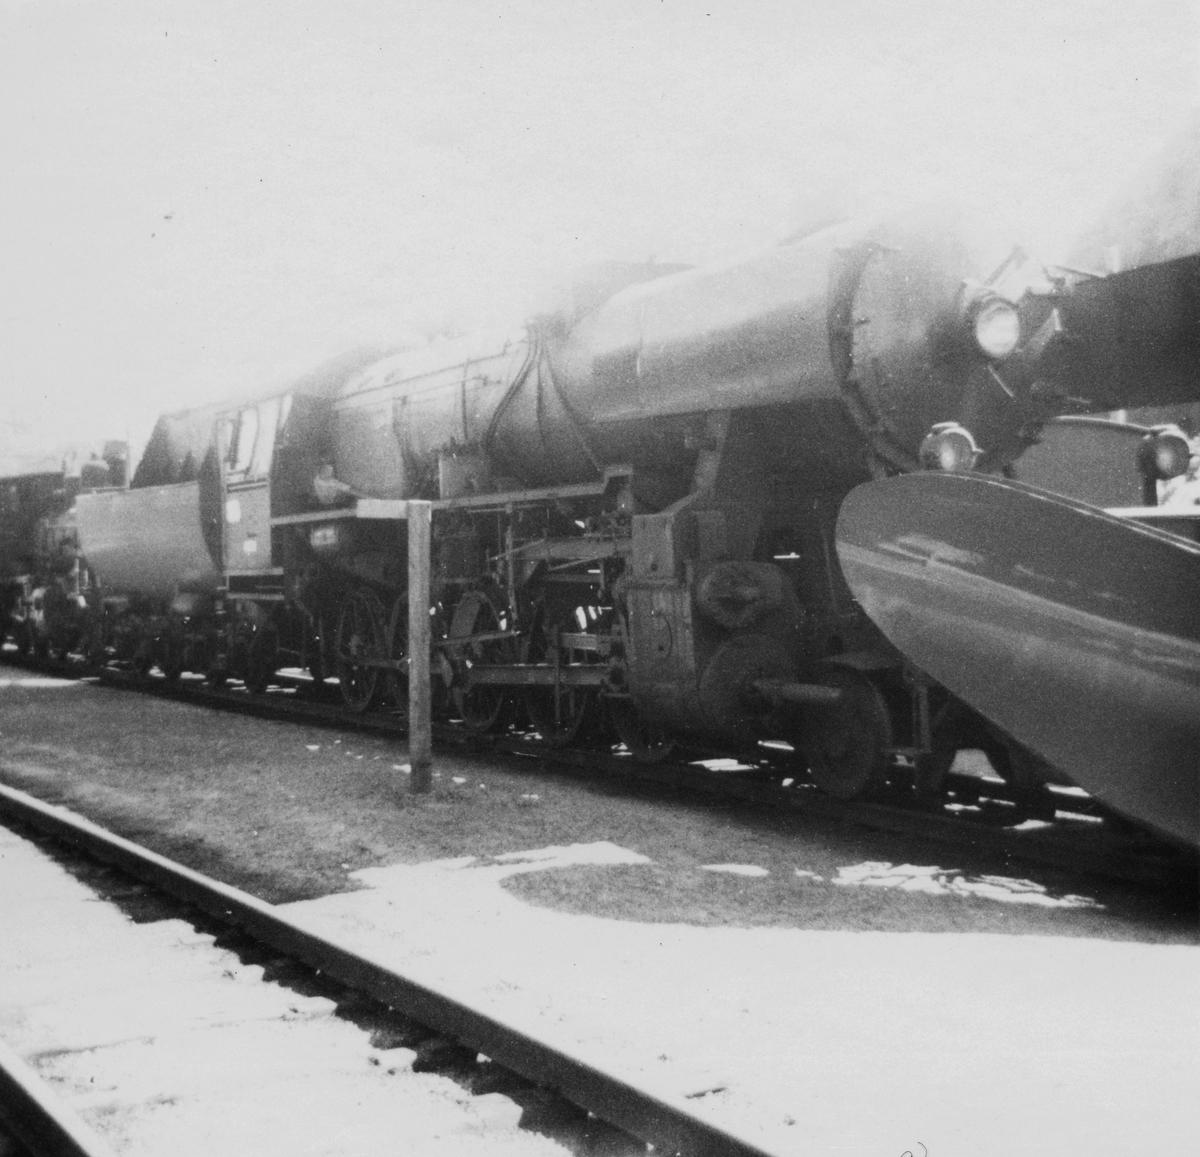 """""""Stortysker"""", damplokomotiv type 63a nr. 4836, her med stor frontplog, hensatt på Krossen ved Kristiansand. Lokomotivet ble formelt utrangert i 1970."""